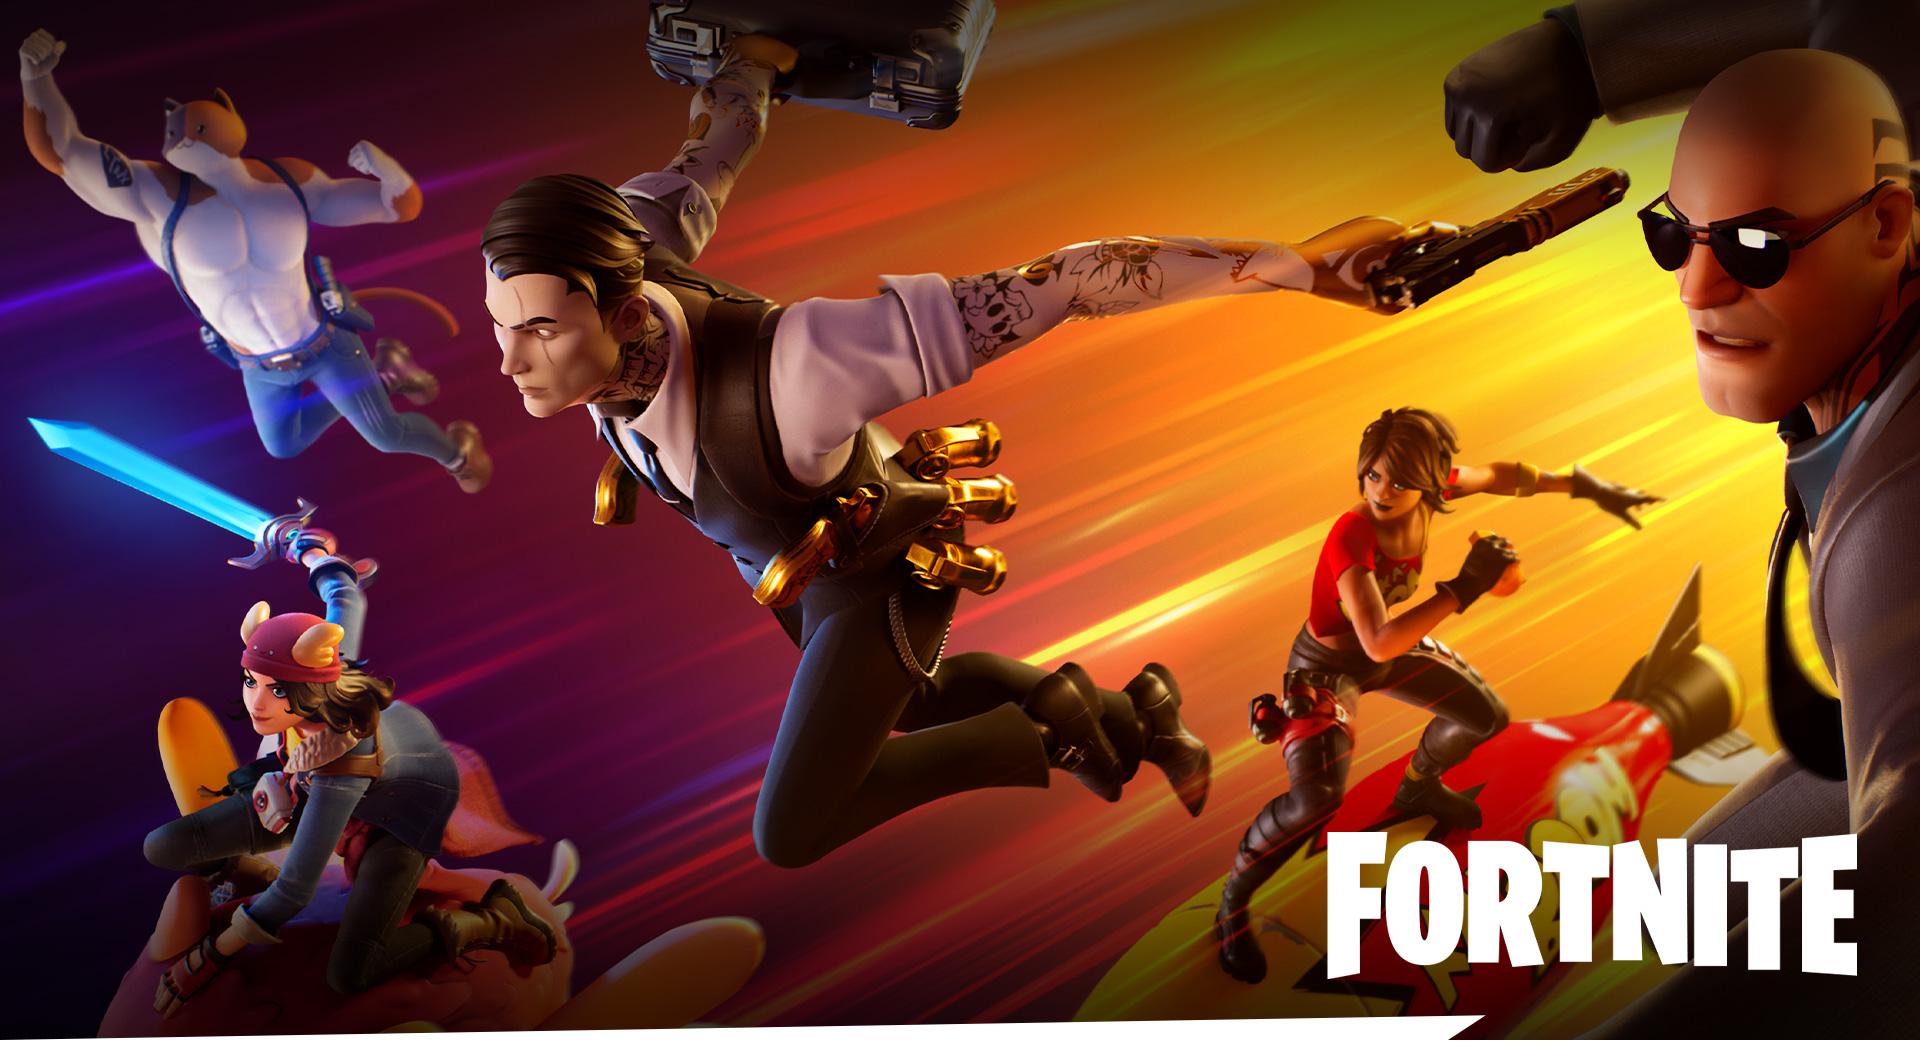 Fortnite, une distribution de personnages volant et prêts au combat.